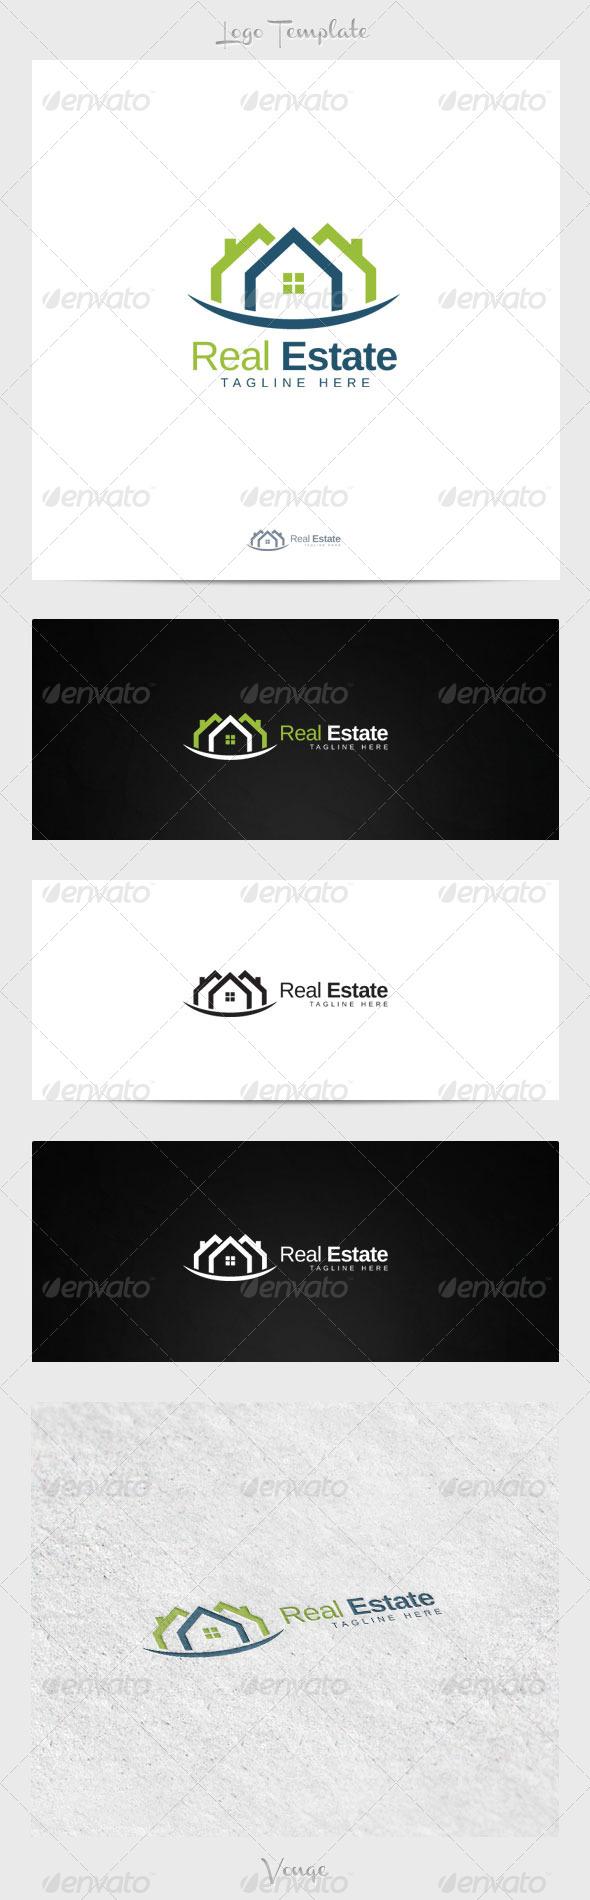 GraphicRiver Real Estate Brand 4223020